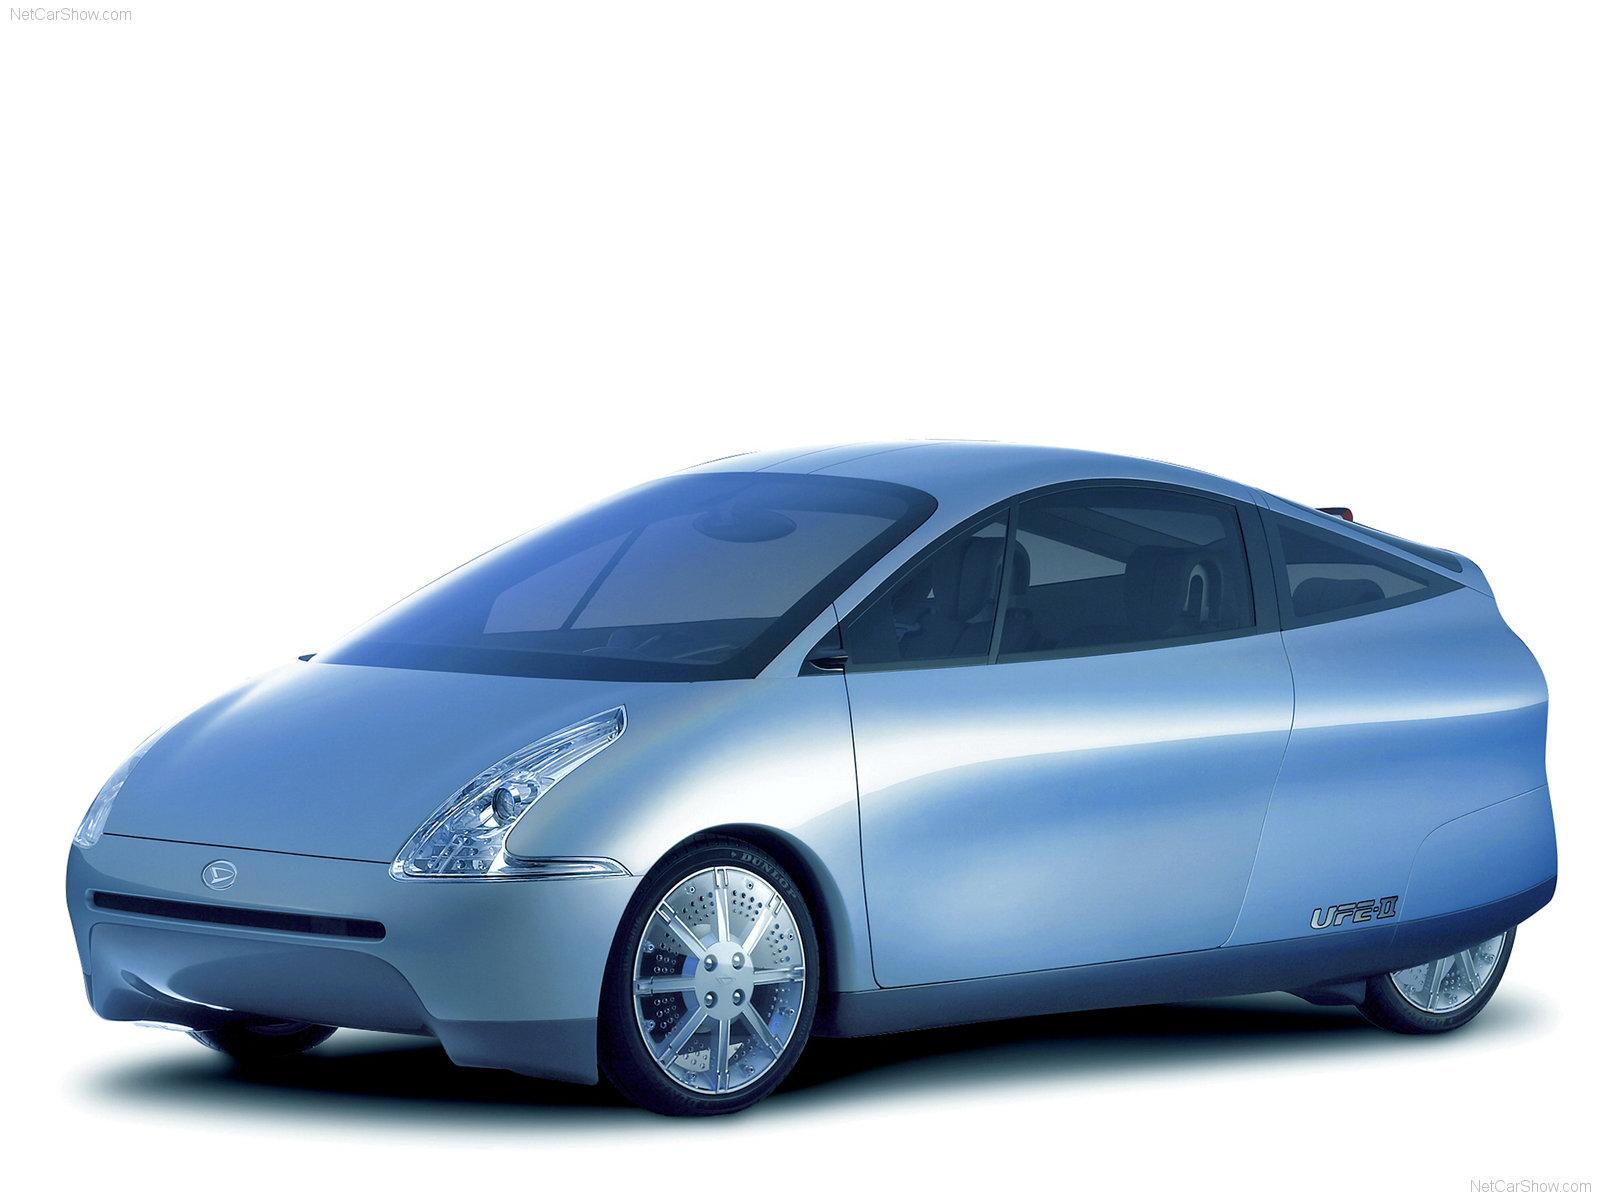 Hình ảnh xe ô tô Daihatsu UFE2 Concept 2004 & nội ngoại thất